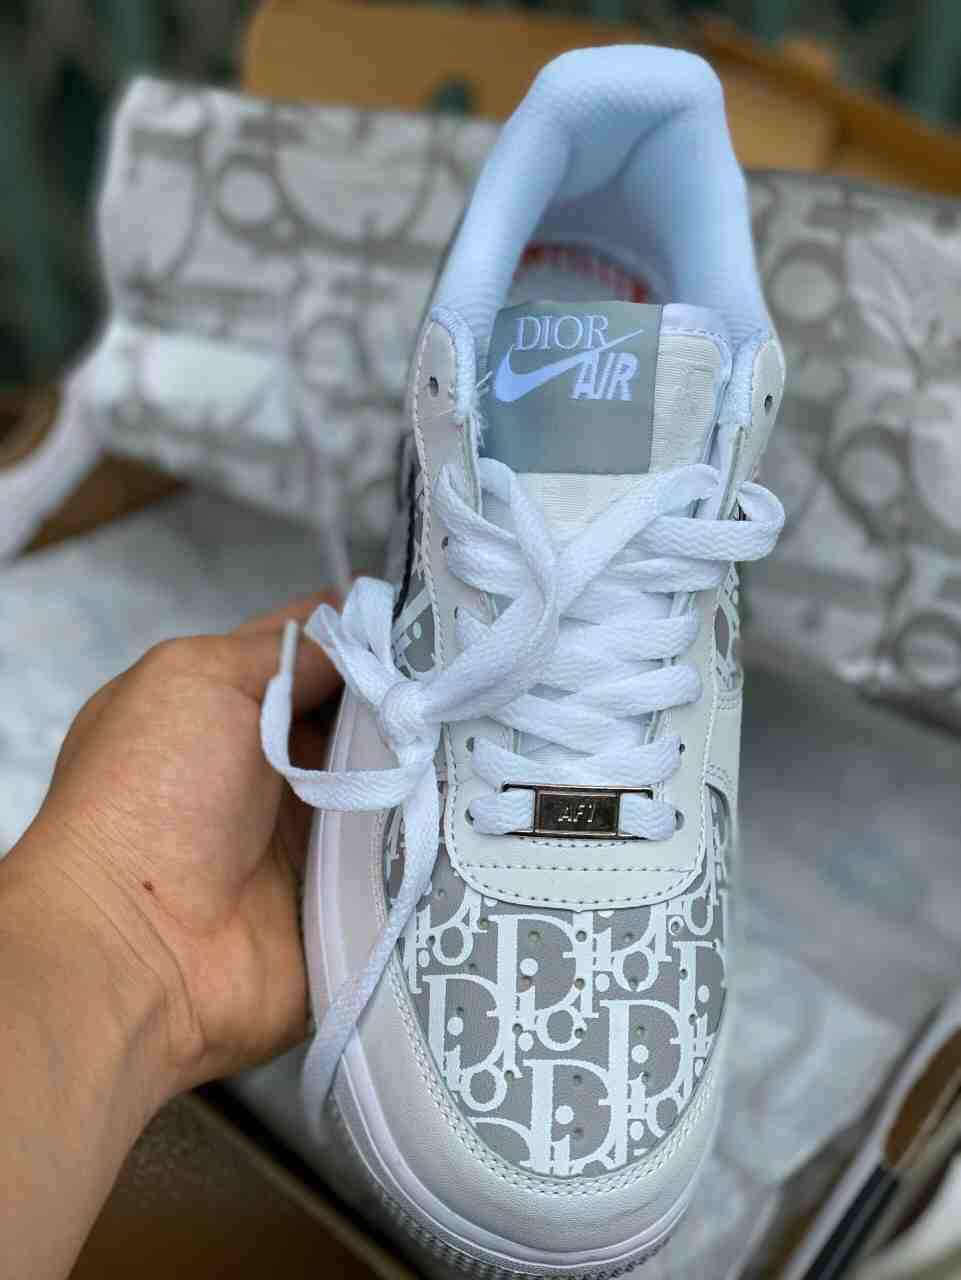 Mẫu Nike Air Force 1 Dior rep 1:1 được nhiều người yêu thích bởi thiết kế đẳng cấp